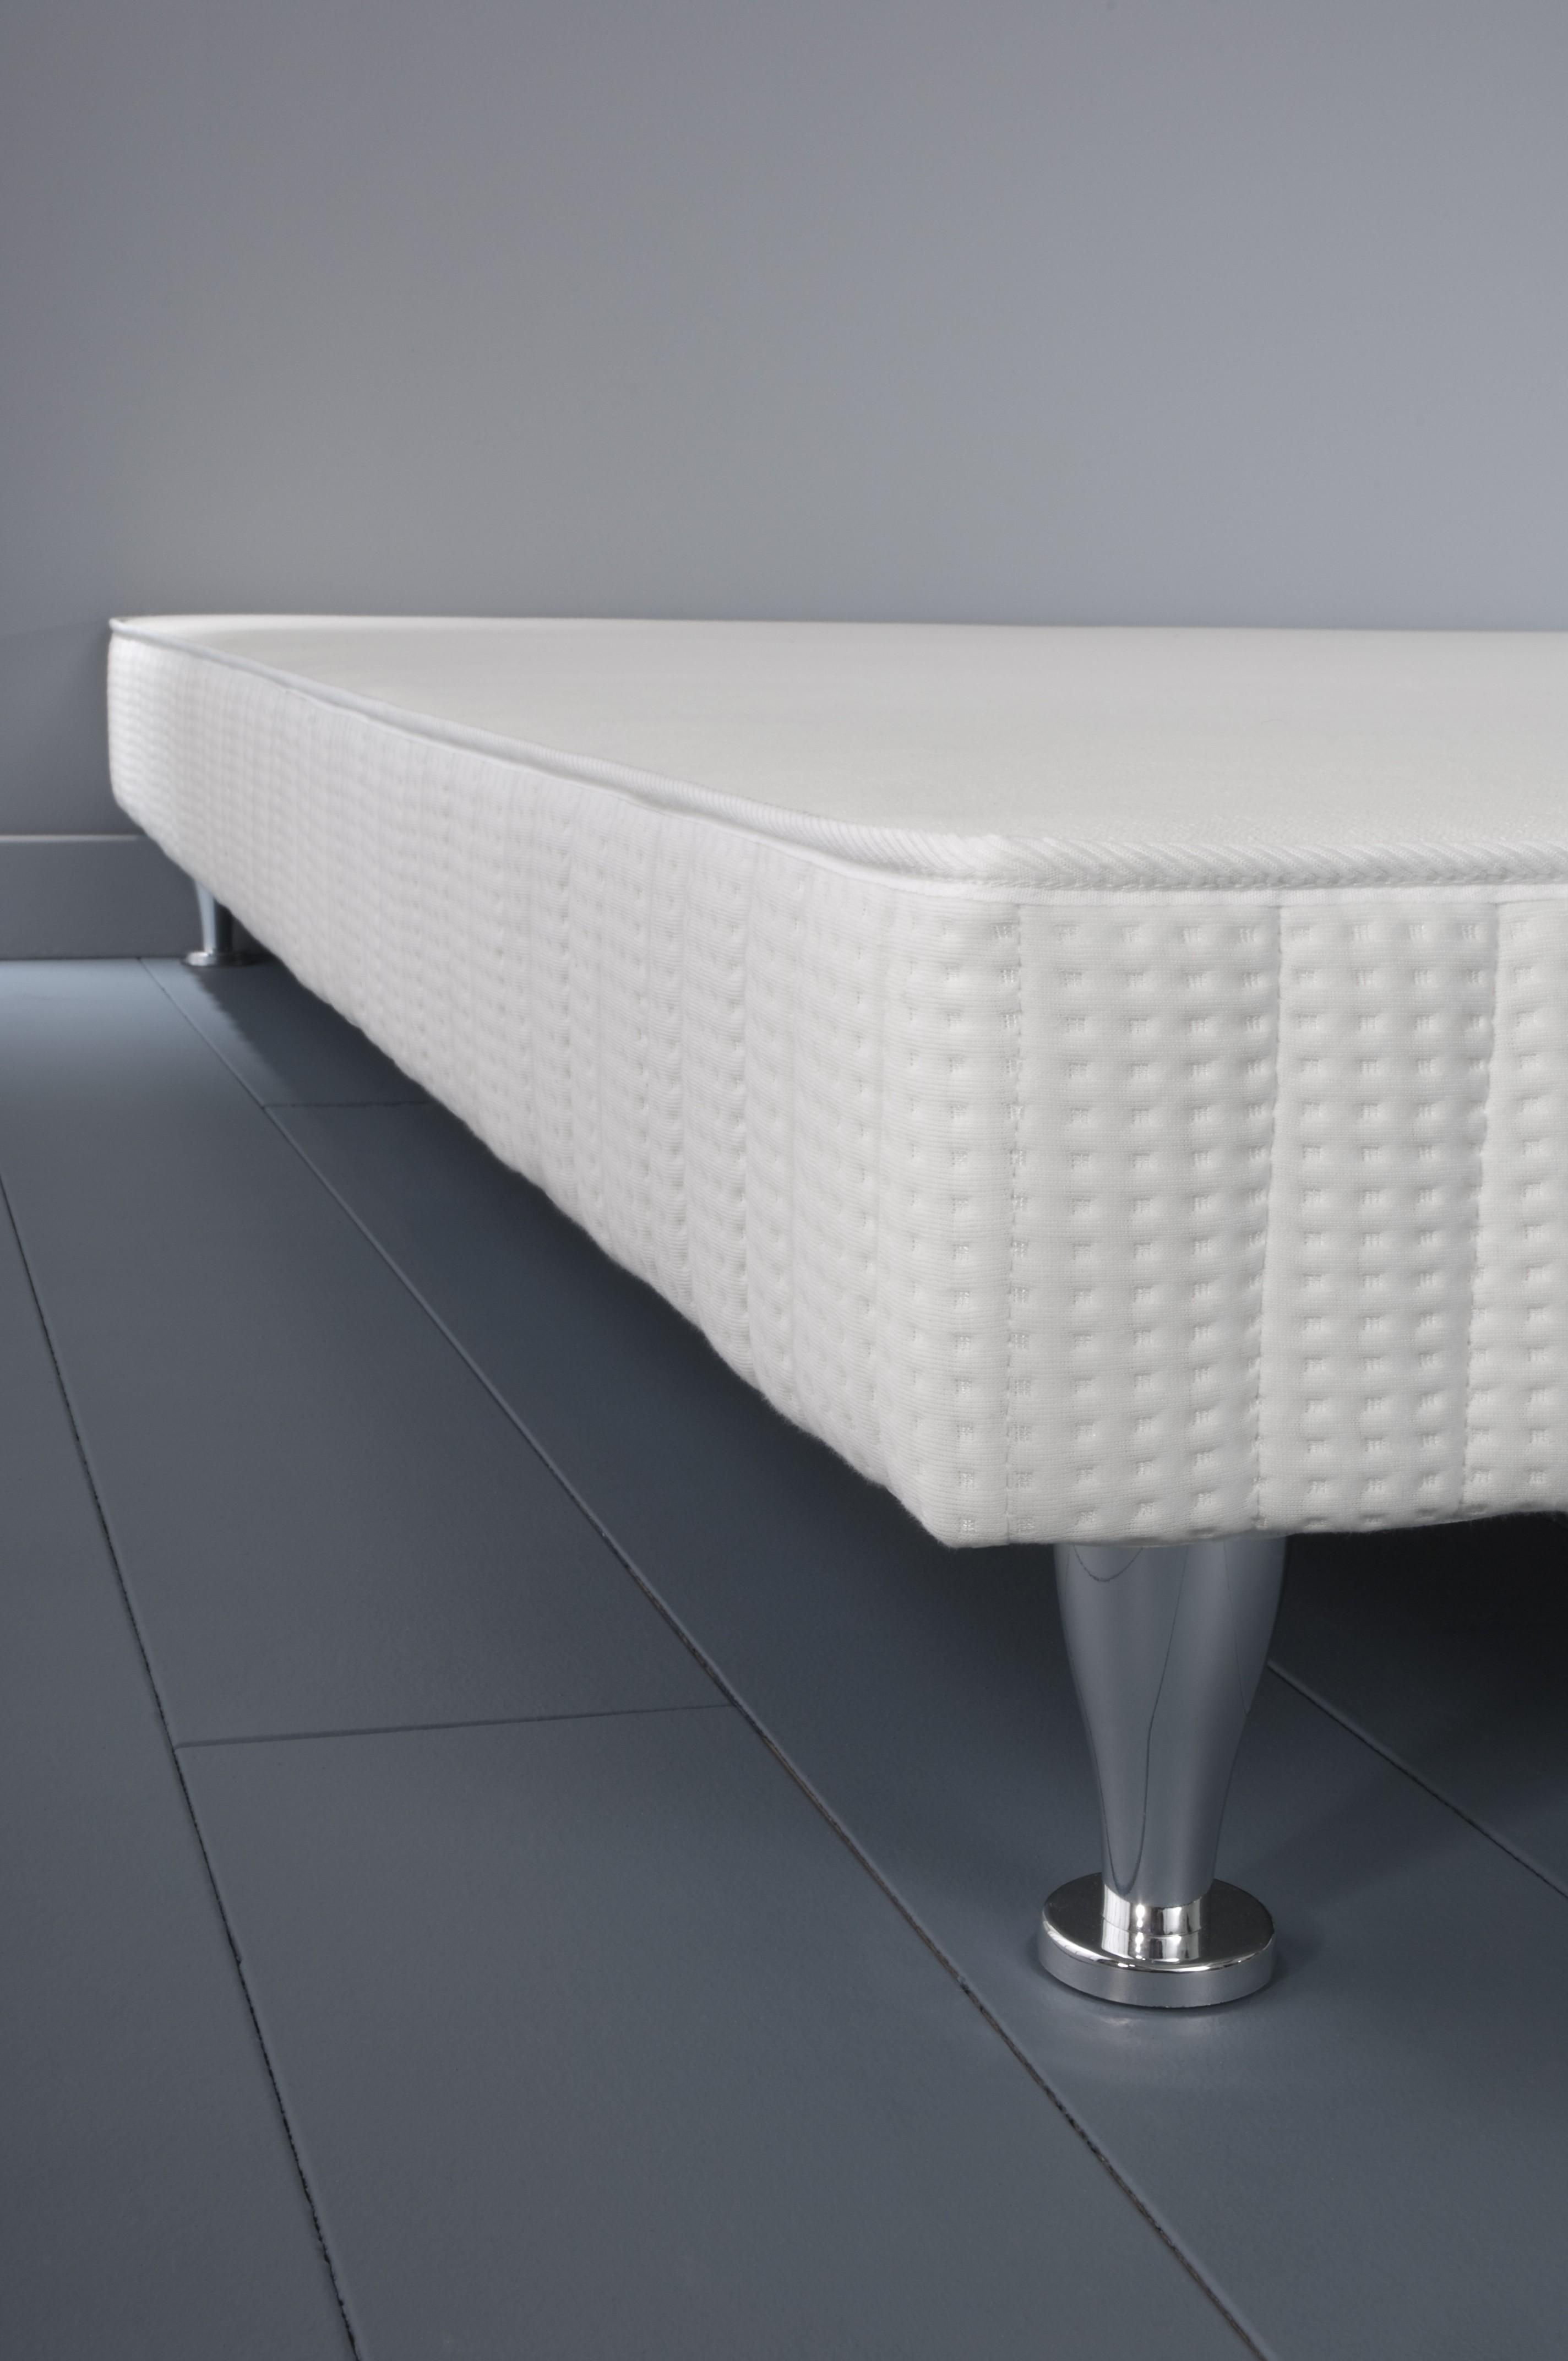 simmons sommier vitasom 90x190 sommier tapissier lit. Black Bedroom Furniture Sets. Home Design Ideas